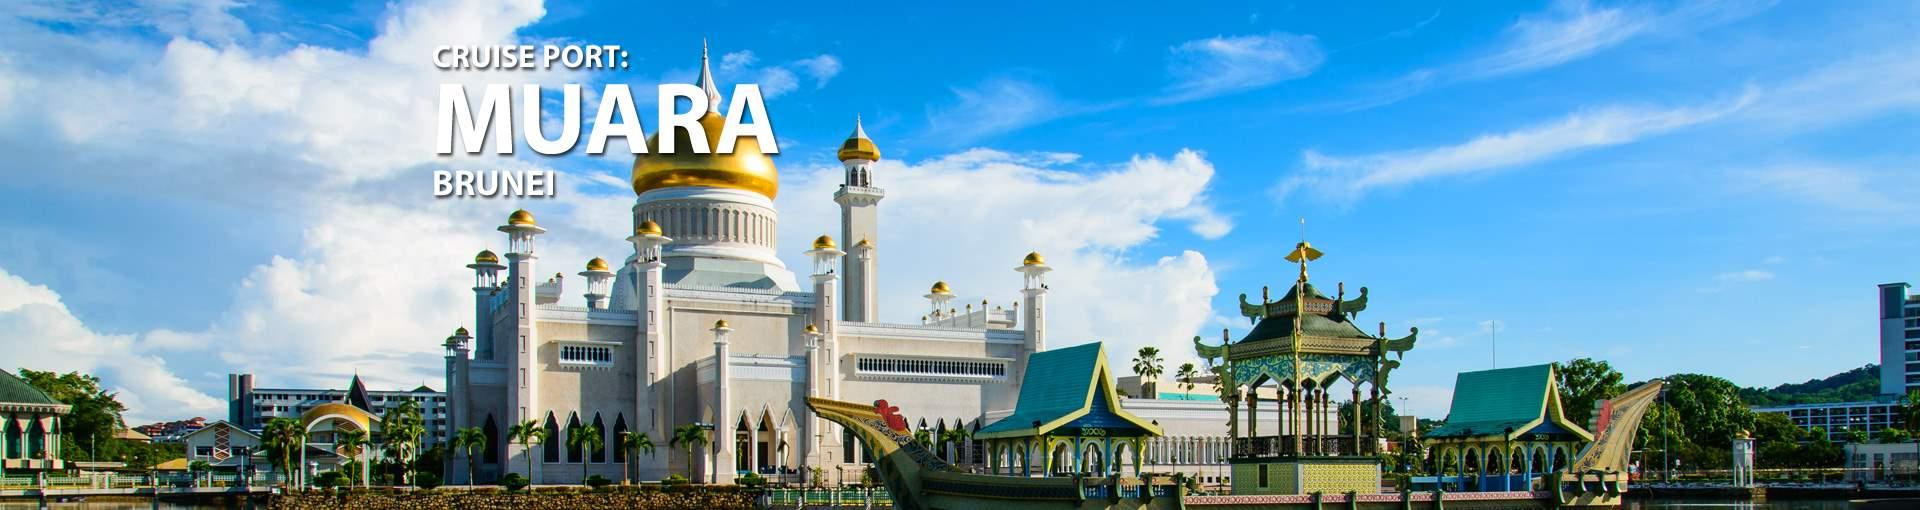 Cruise Port: Muara, Brunei